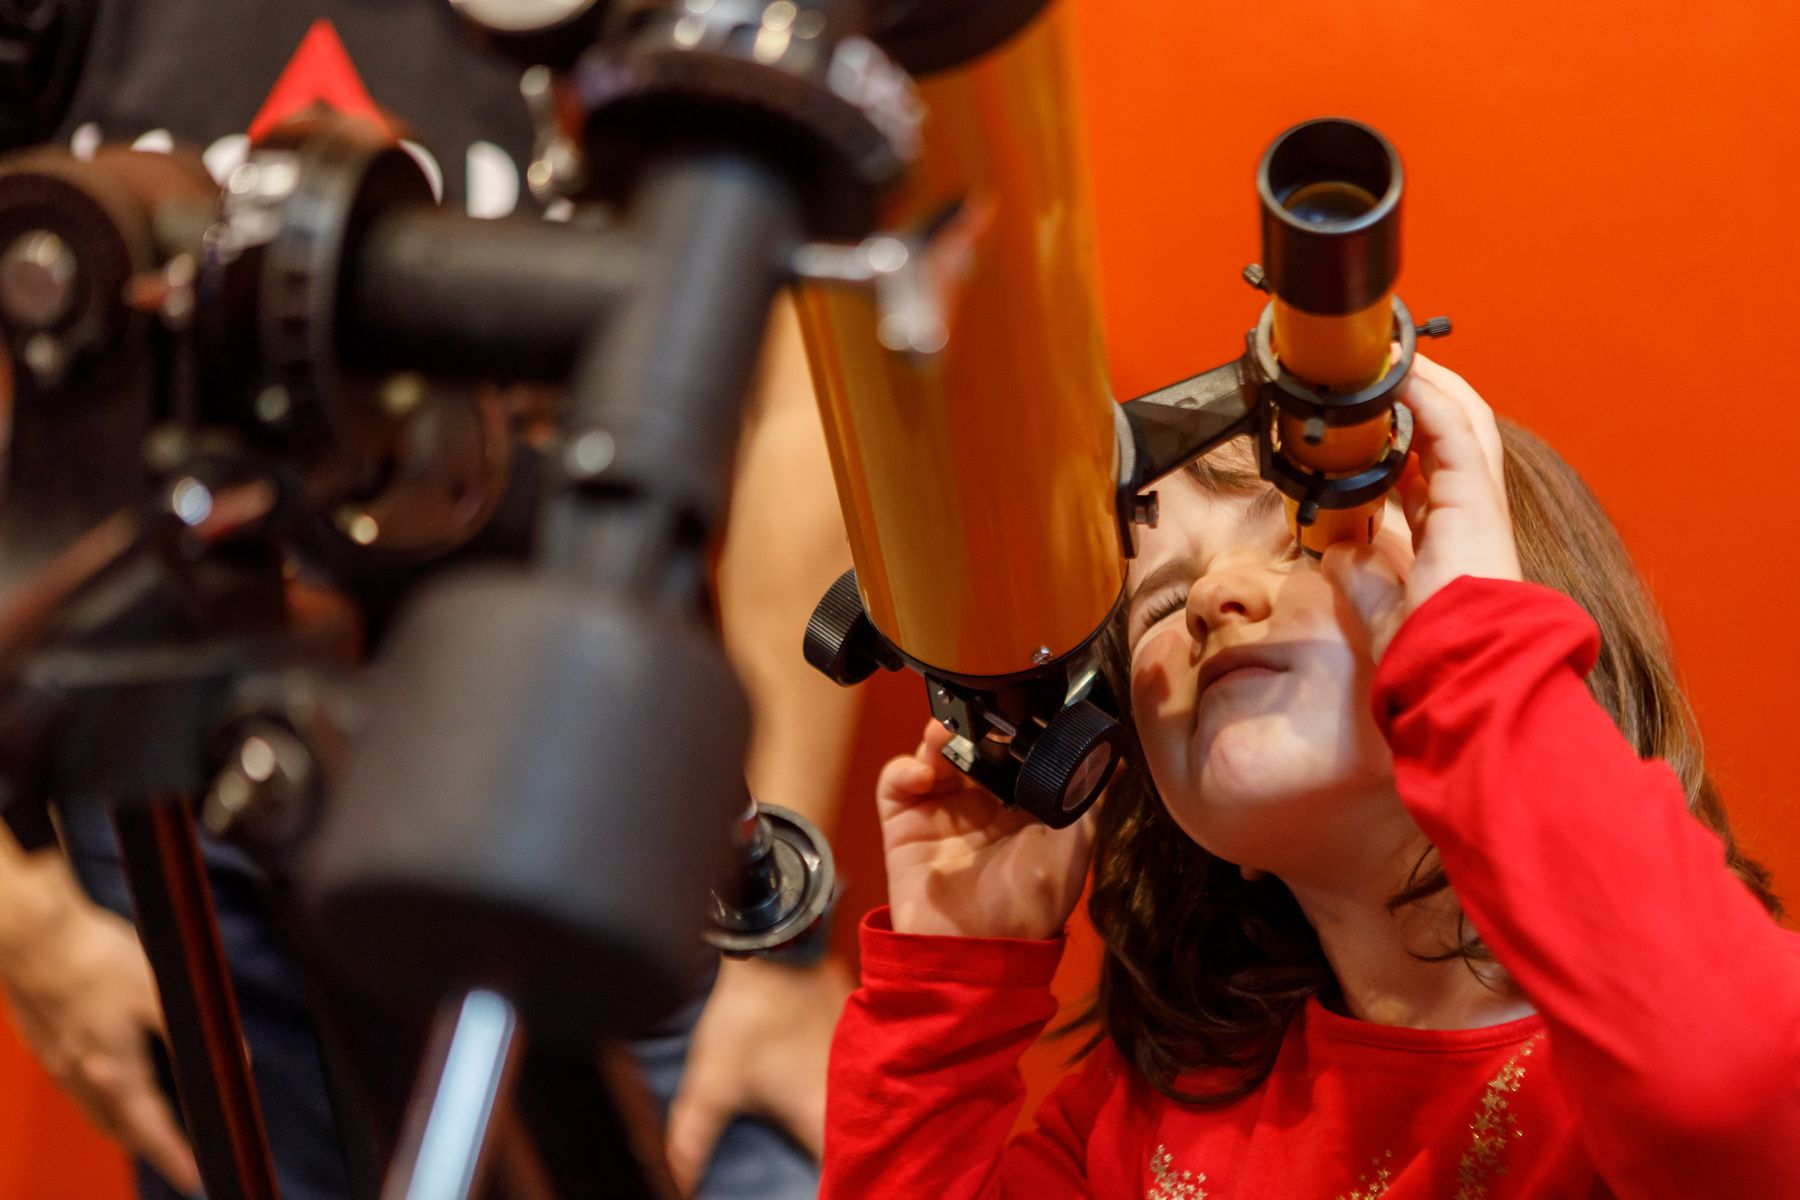 El curso de verano de la UPNA busca despertar vocaciones científicas en estudiantes de Primaria y Secundaria.